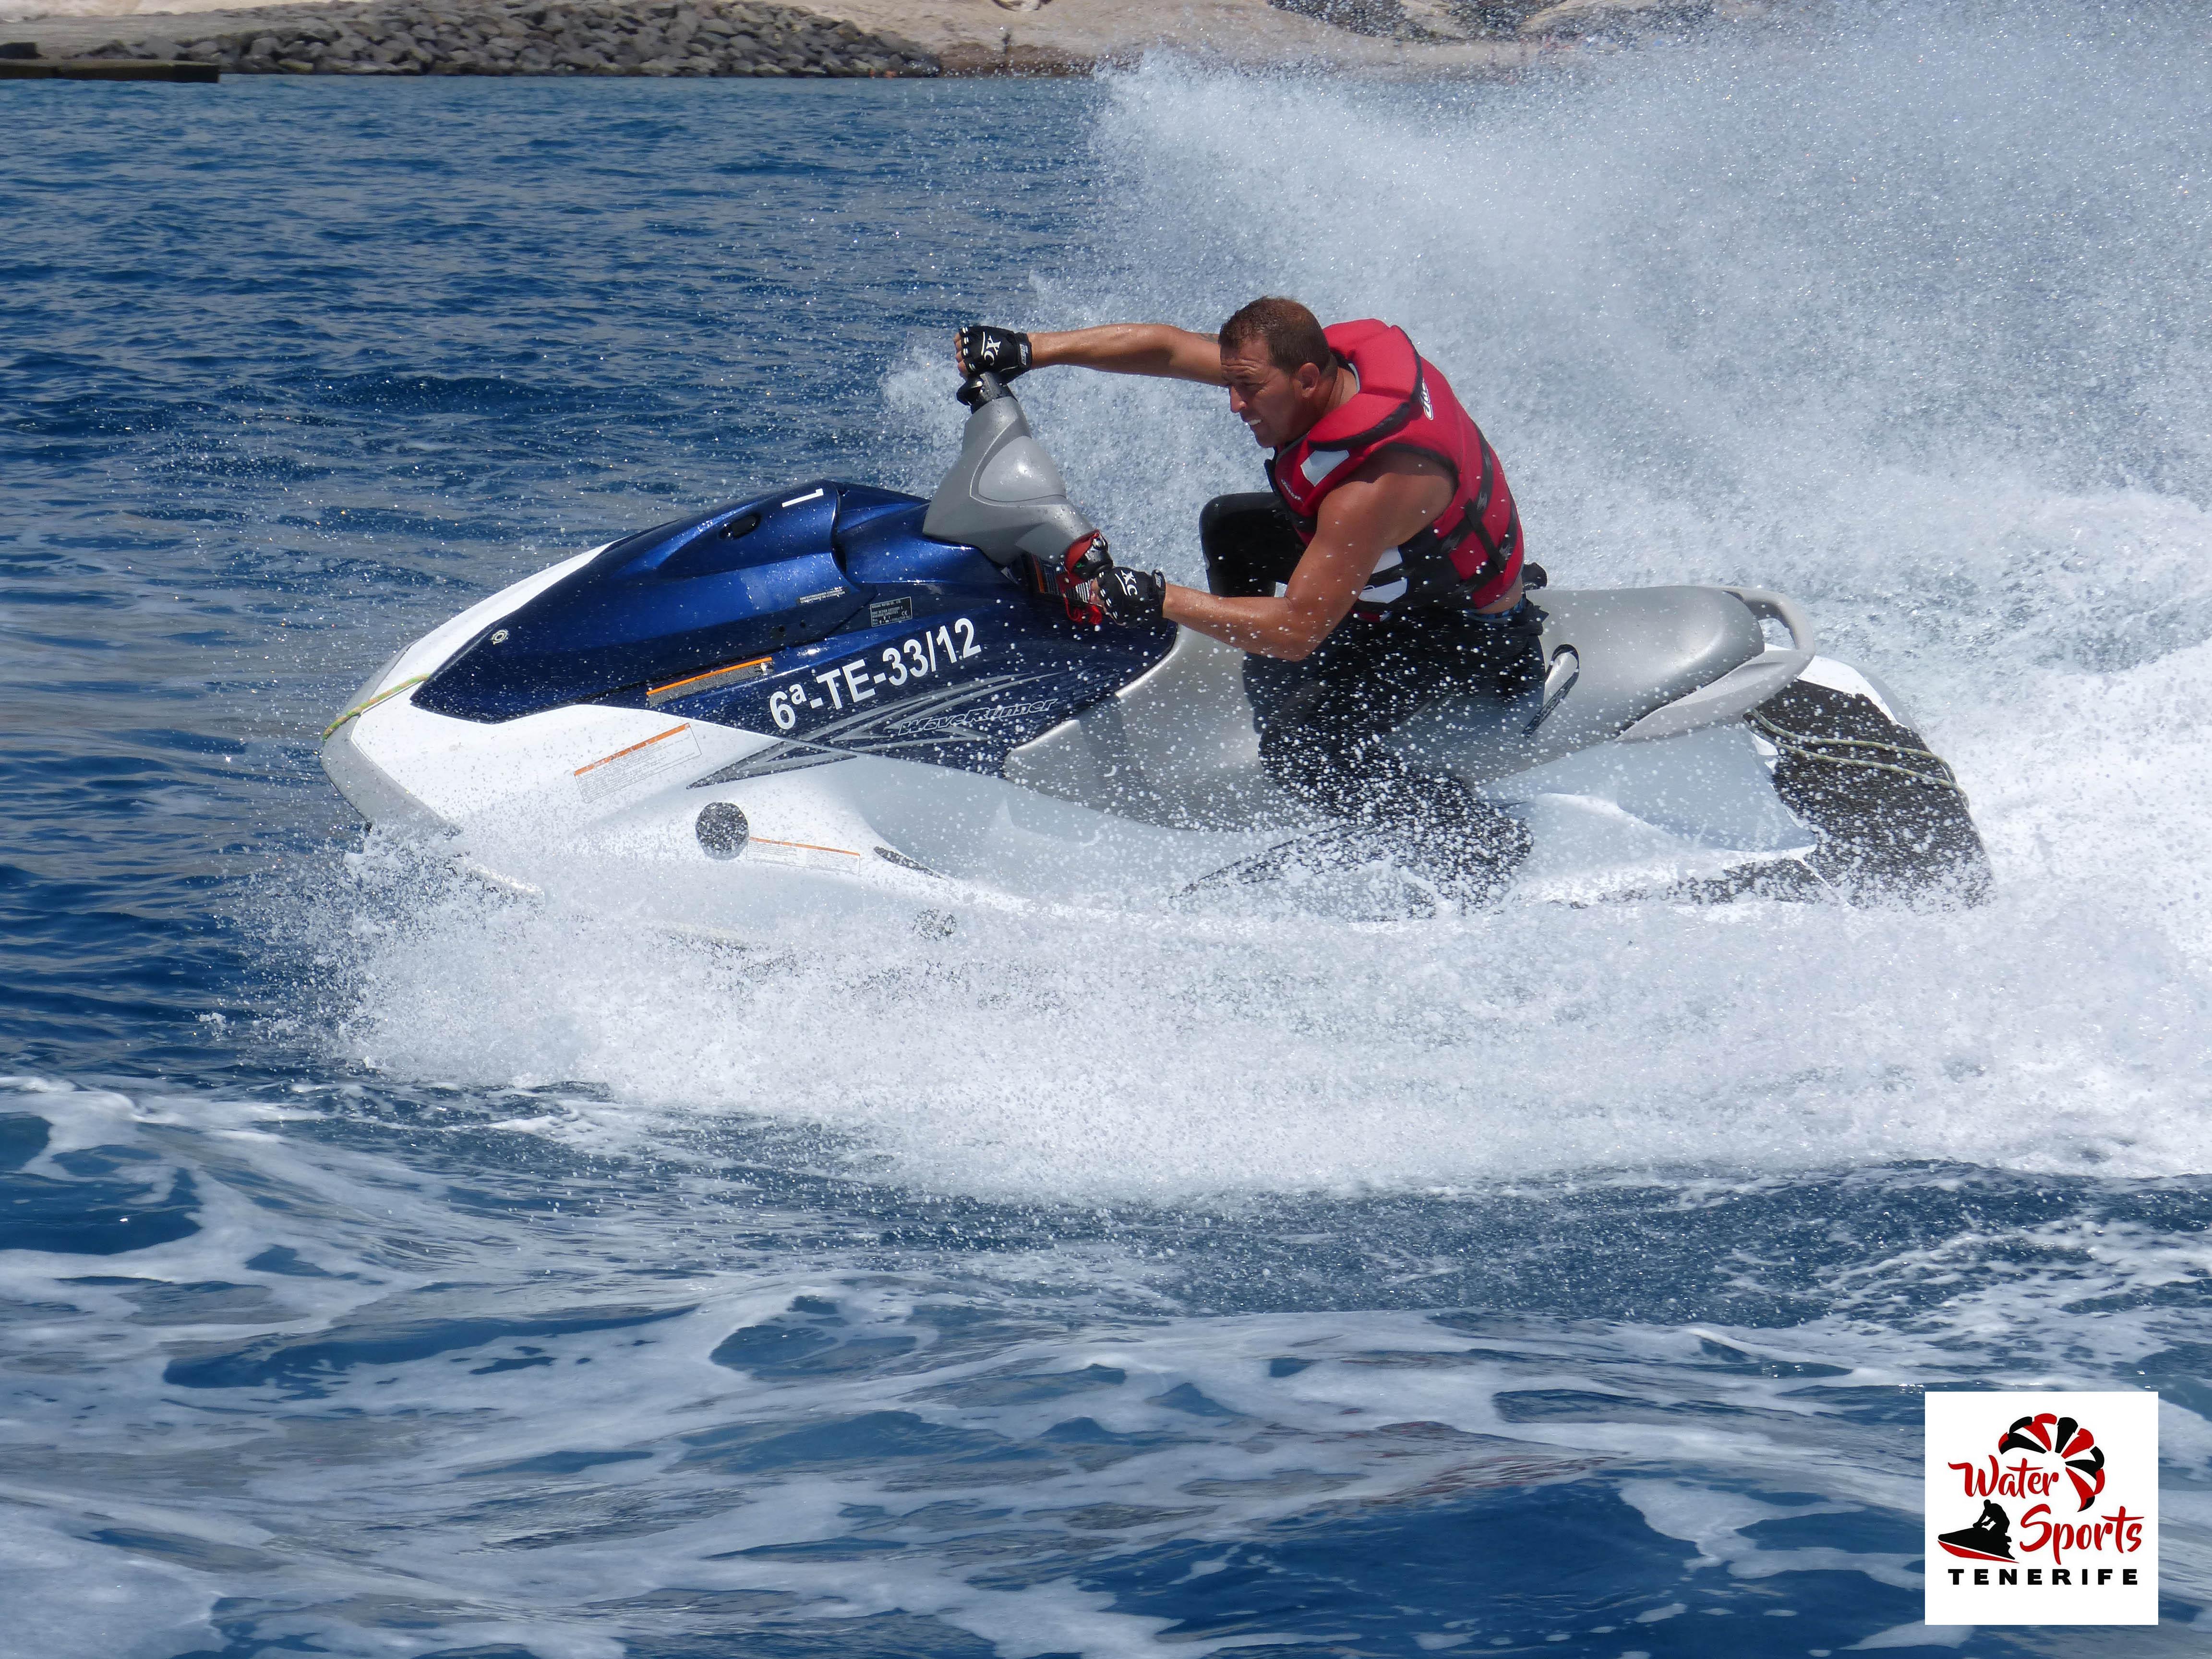 watersport motos de agua los cristianos